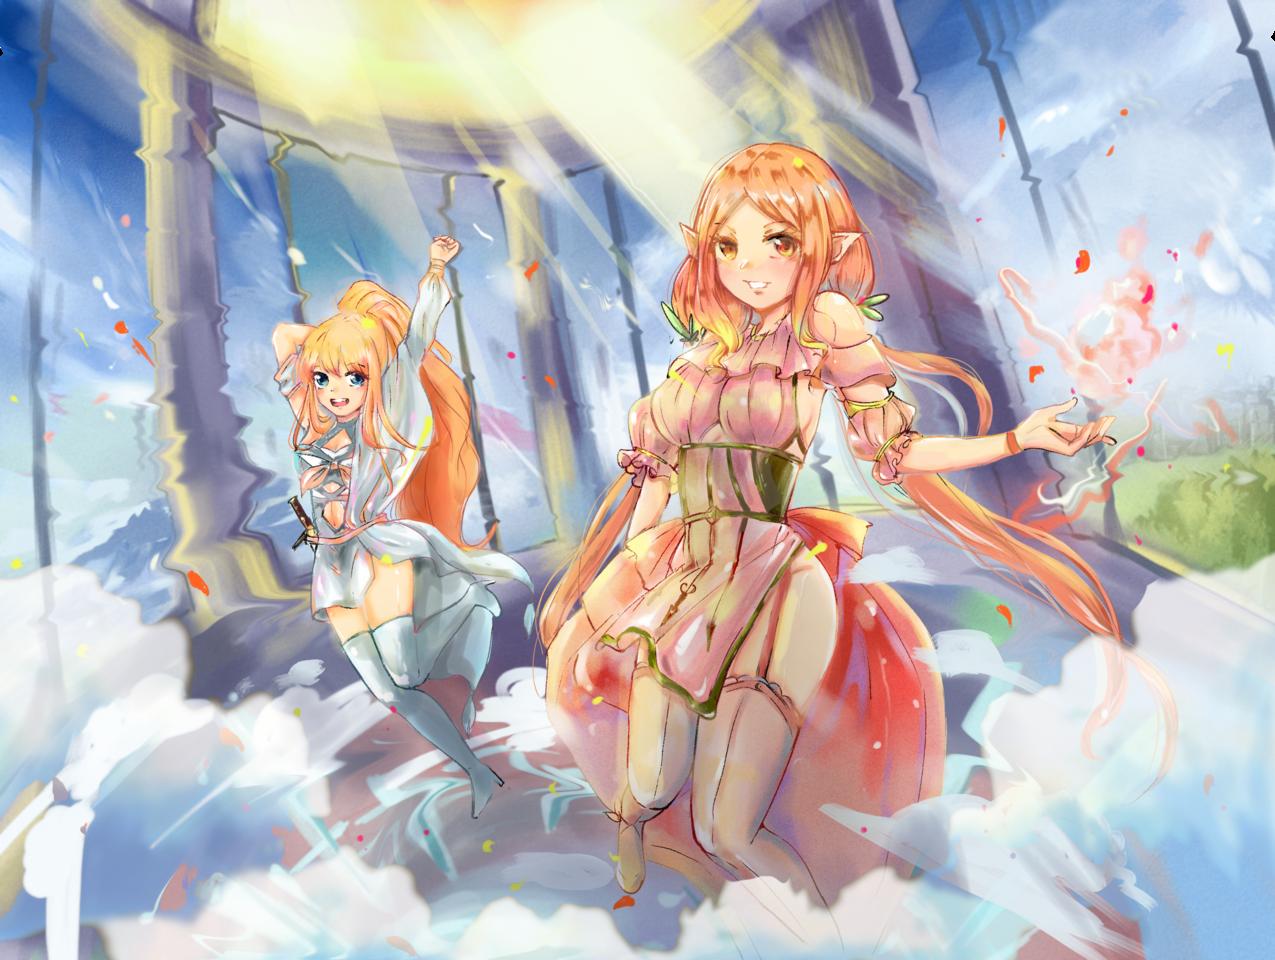 重生點 Illust of tacit February2021_Fantasy 妹子 魔法 girl